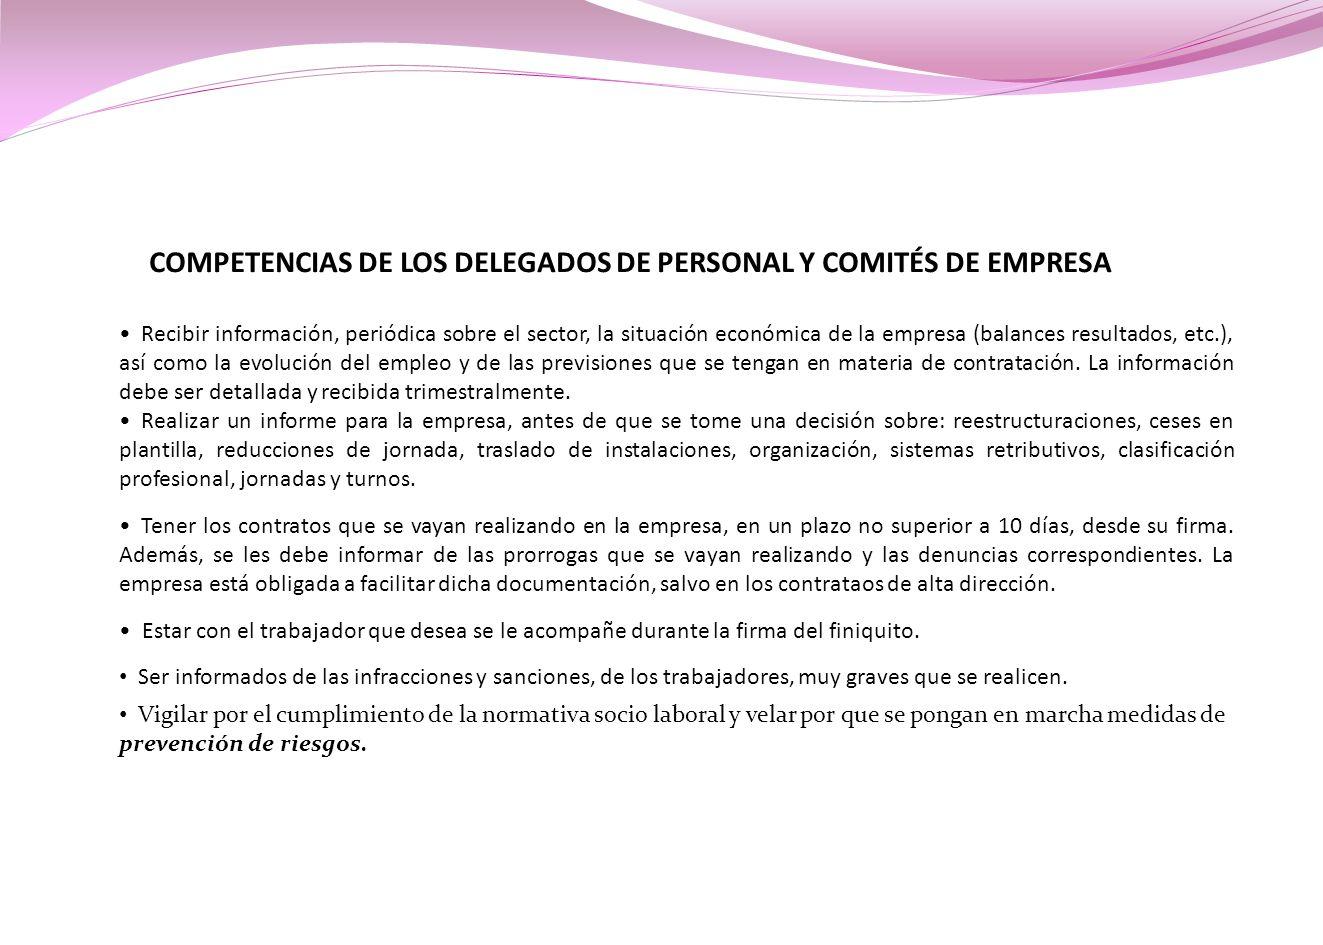 COMPETENCIAS DE LOS DELEGADOS DE PERSONAL Y COMITÉS DE EMPRESA Recibir información, periódica sobre el sector, la situación económica de la empresa (b